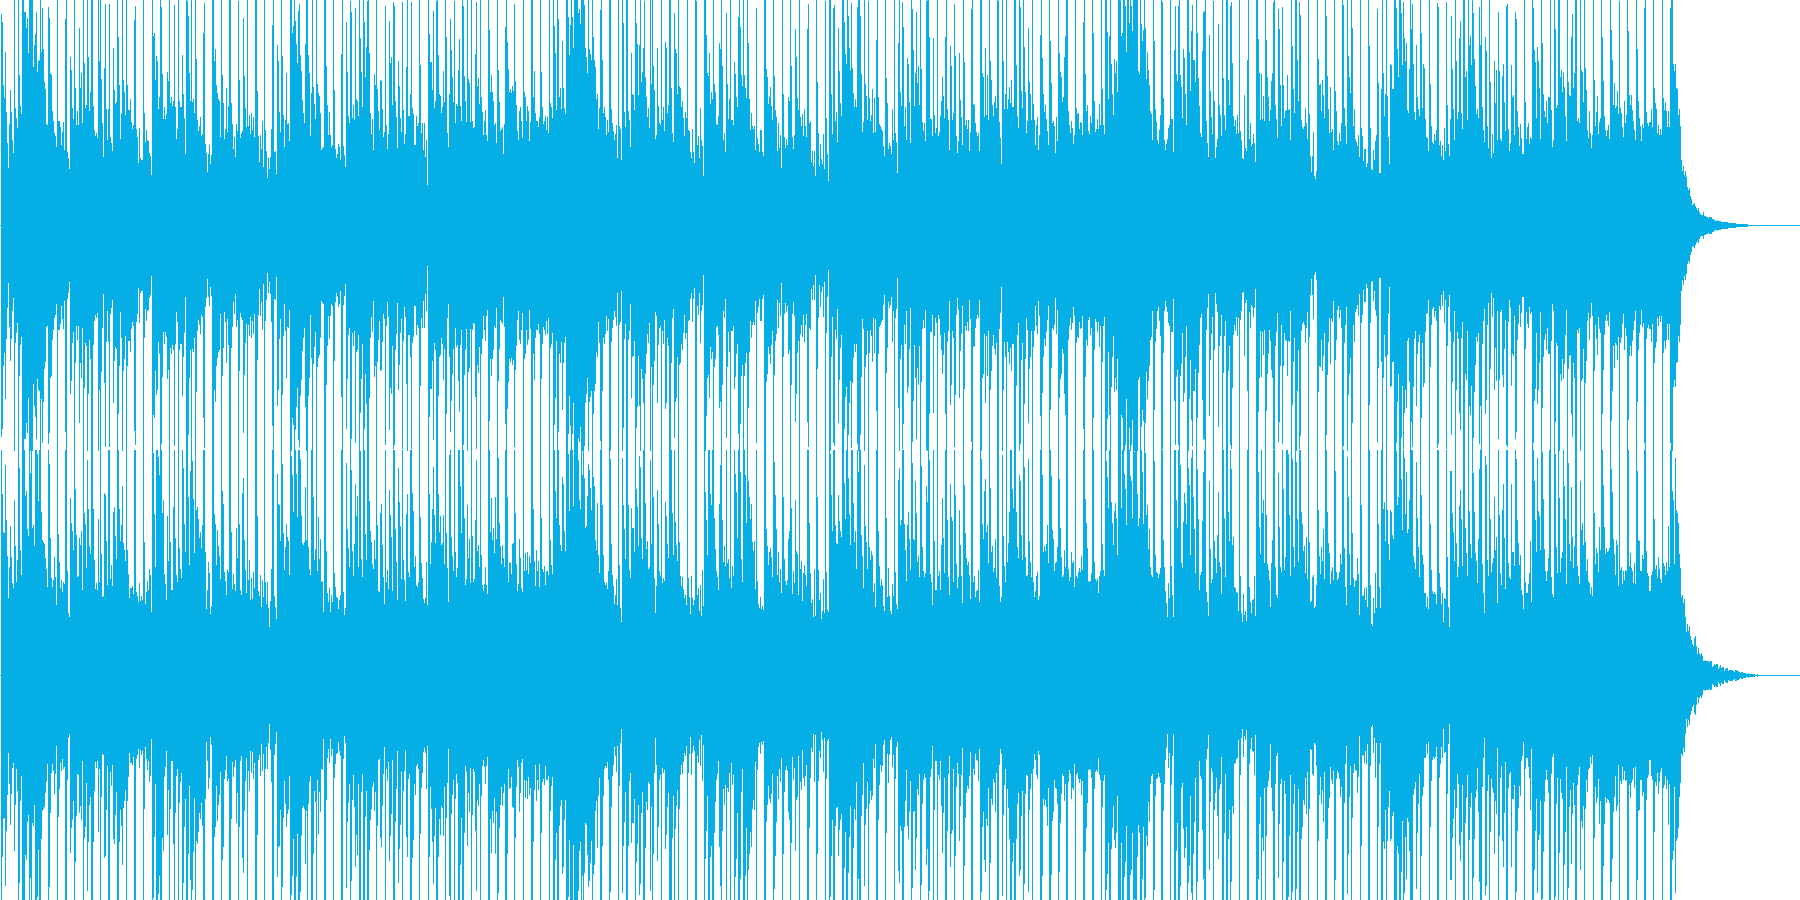 透明感&前向き&感動的なギター(ループ)の再生済みの波形